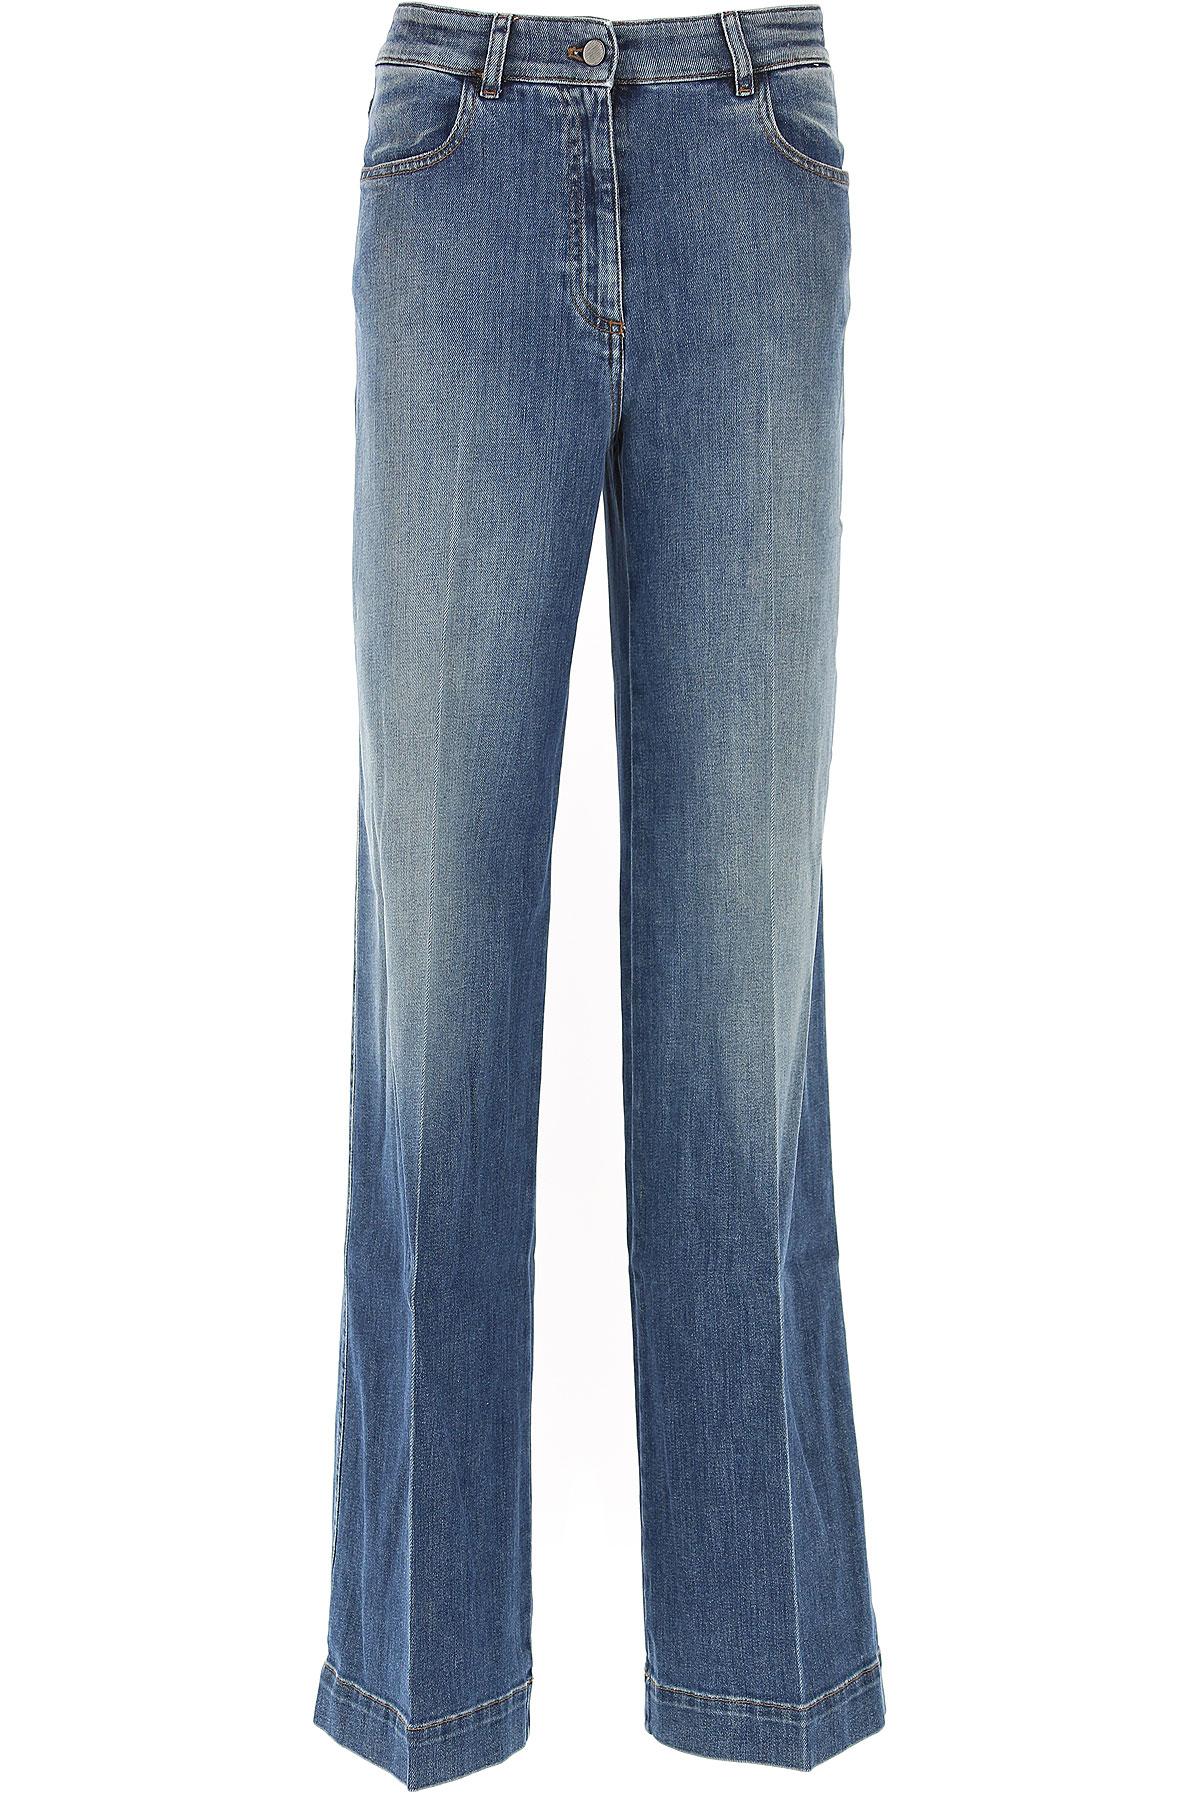 Image of PT05 Jeans, Denim Blue, Cotton, 2017, 24 25 26 27 28 29 30